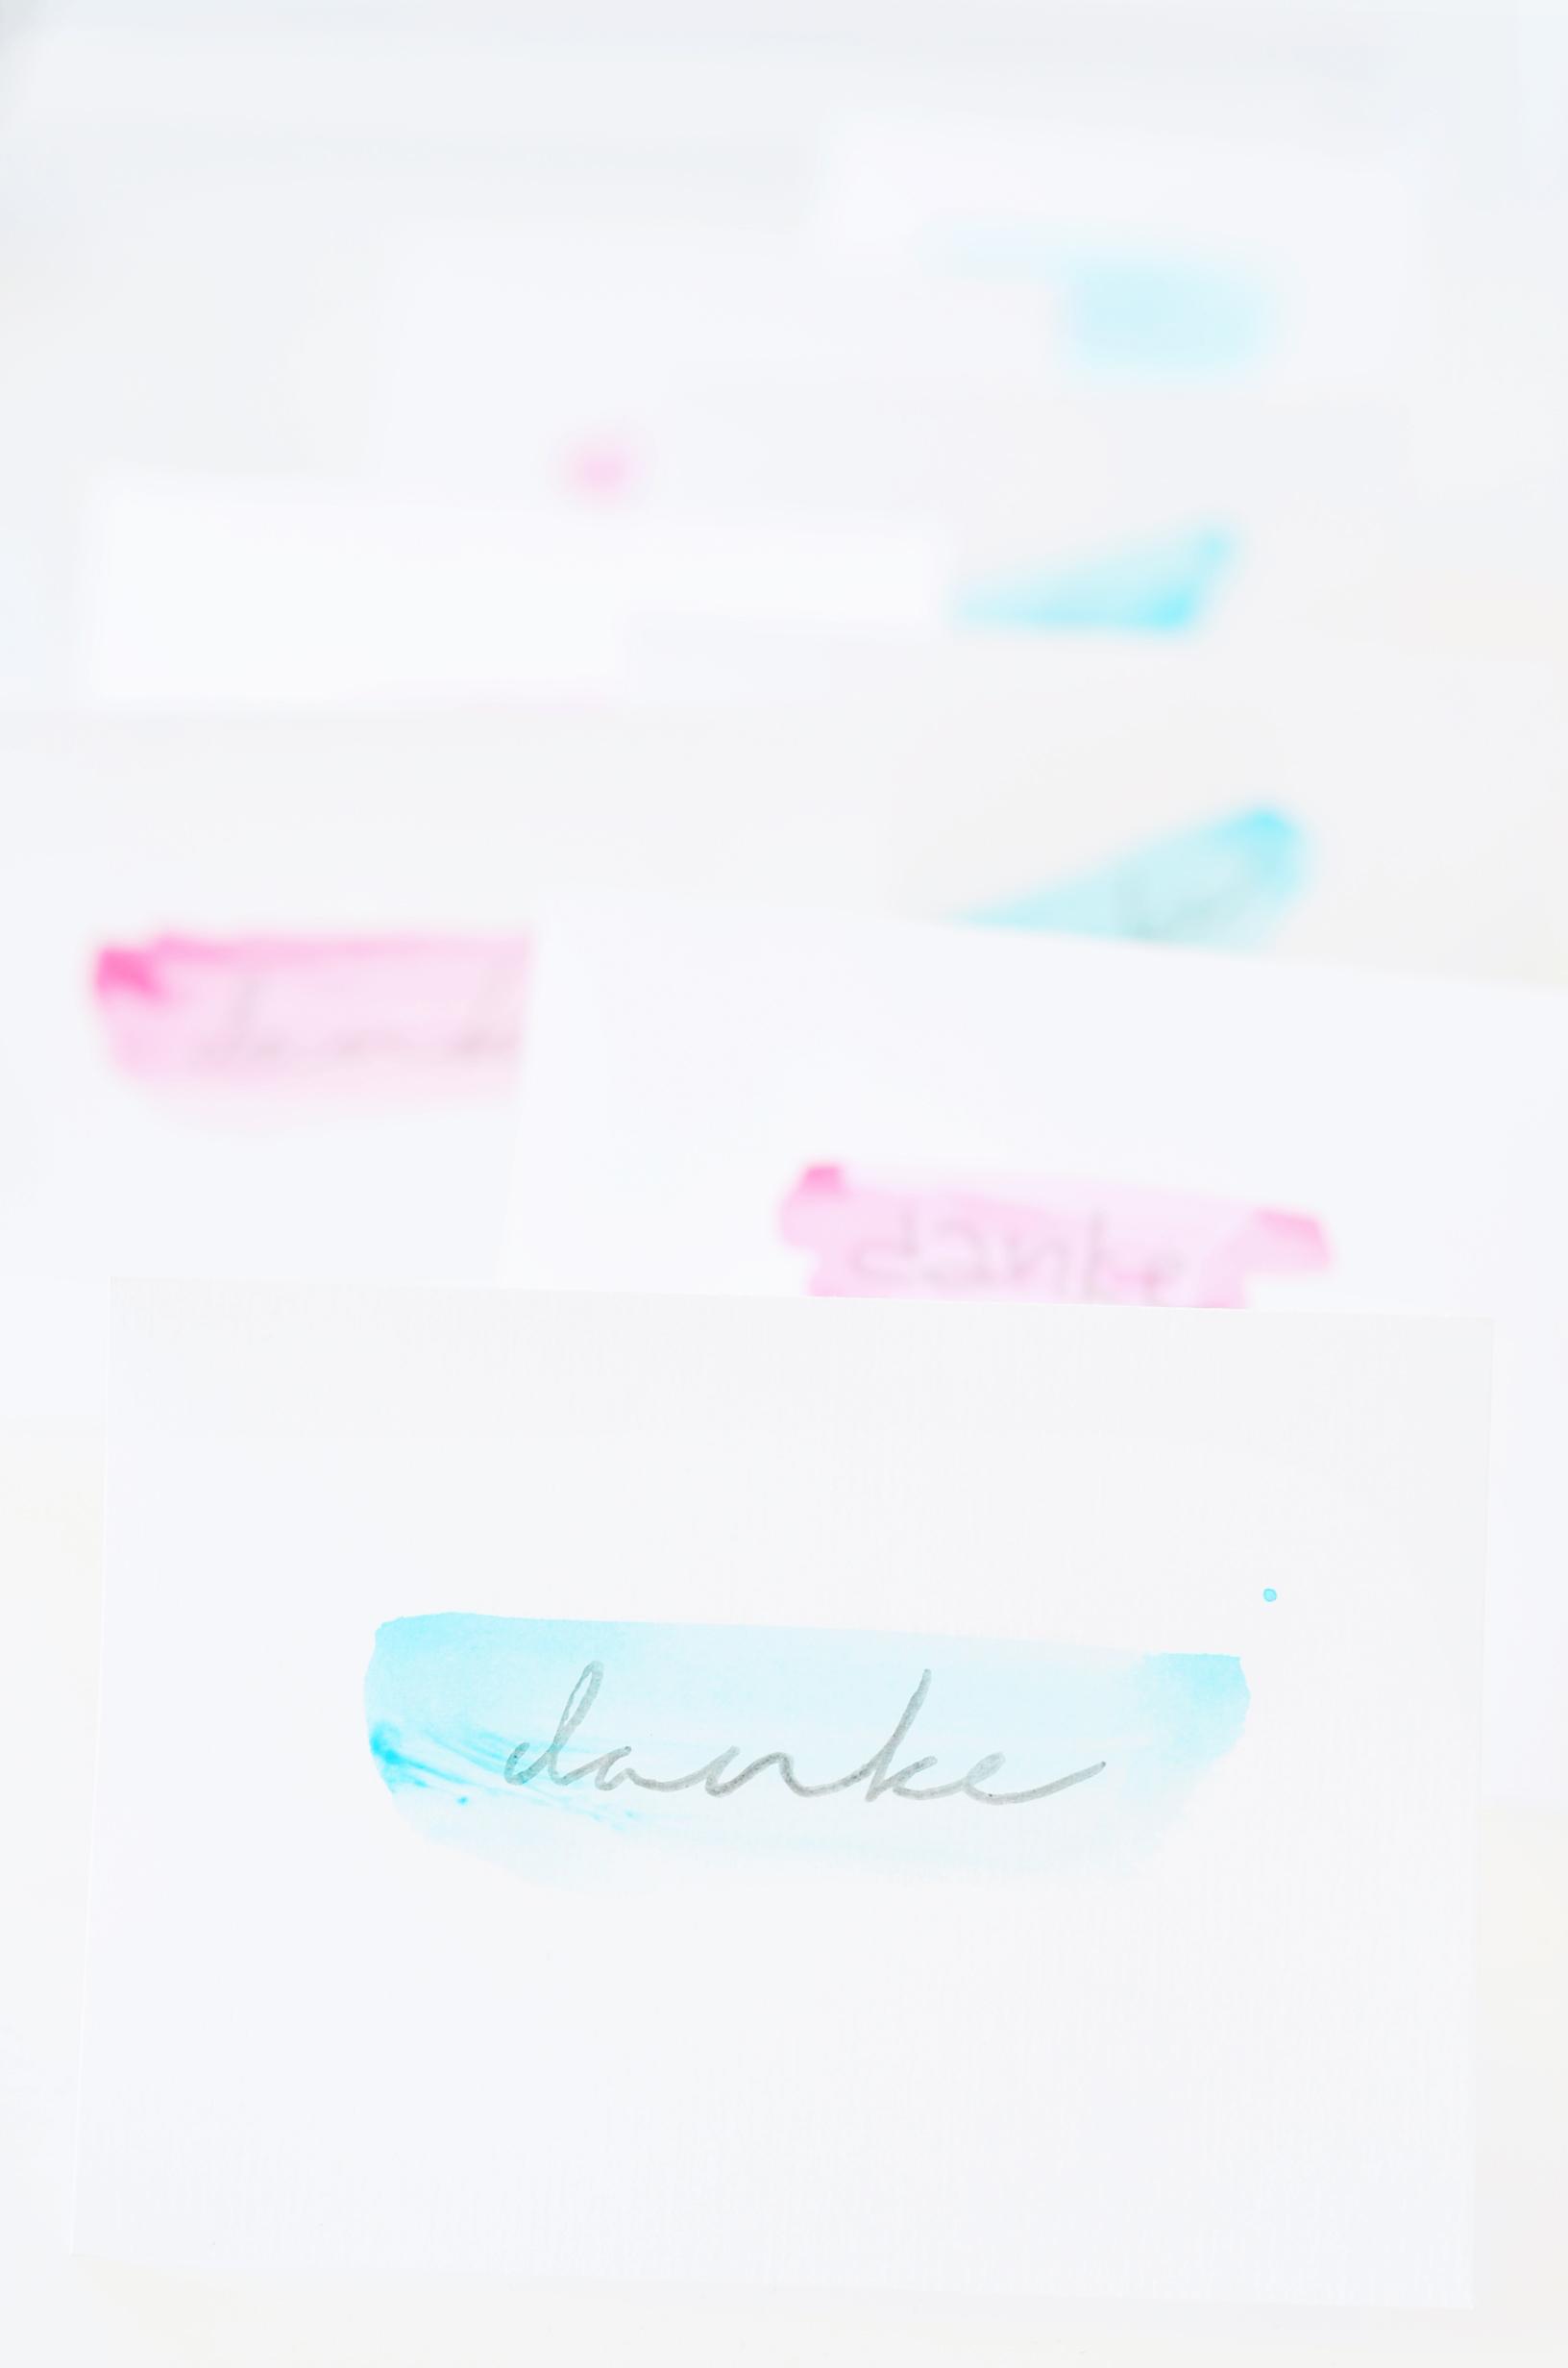 Dankeskarten selbst gestalten